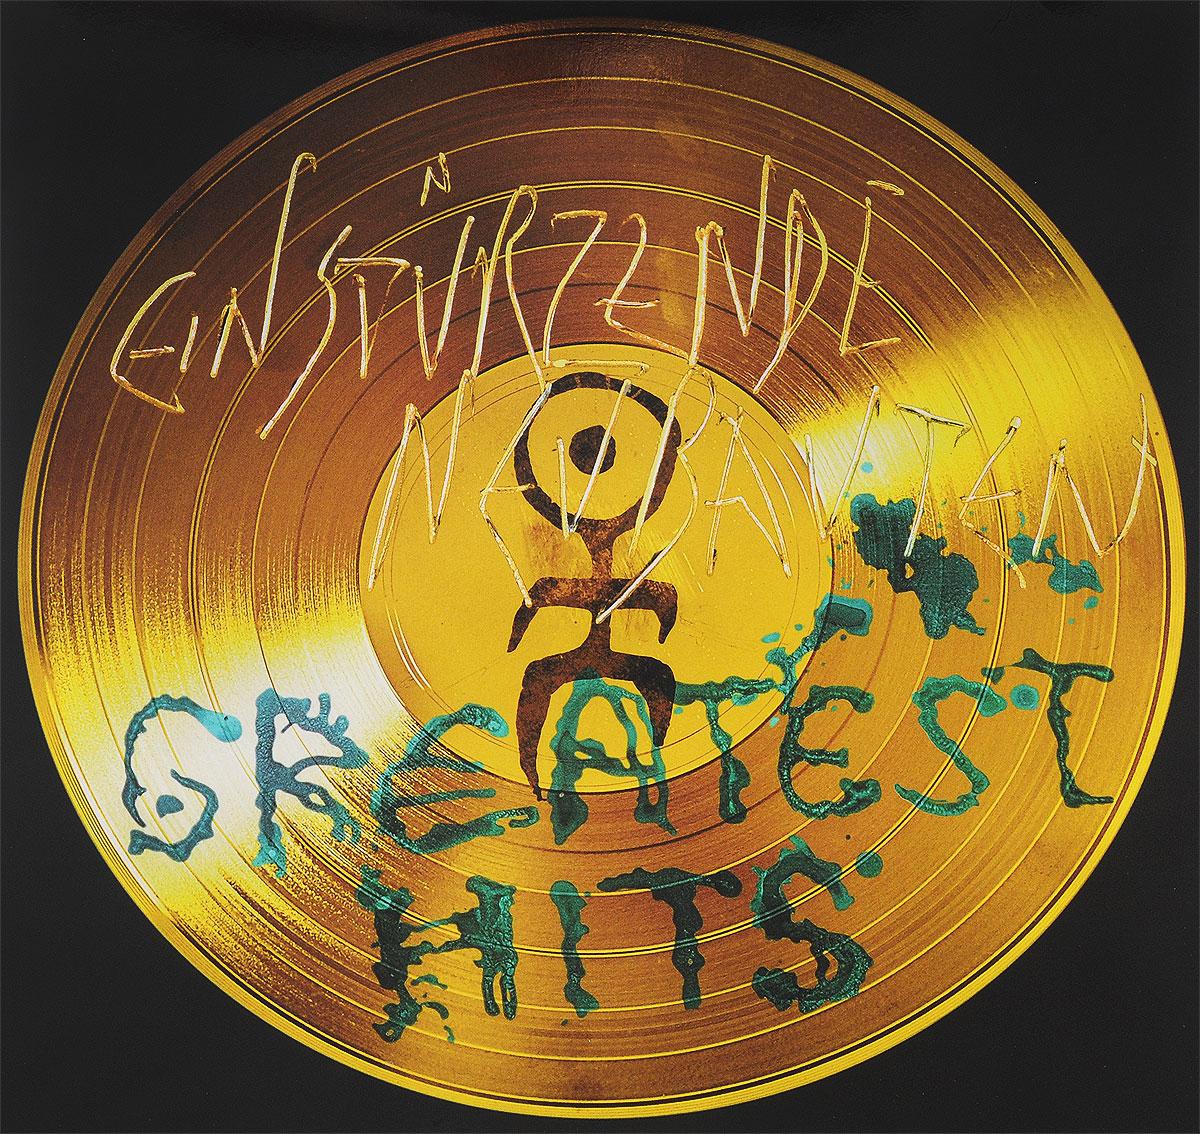 Einsturzende Neubauten. Greatest Hits (2 LP)